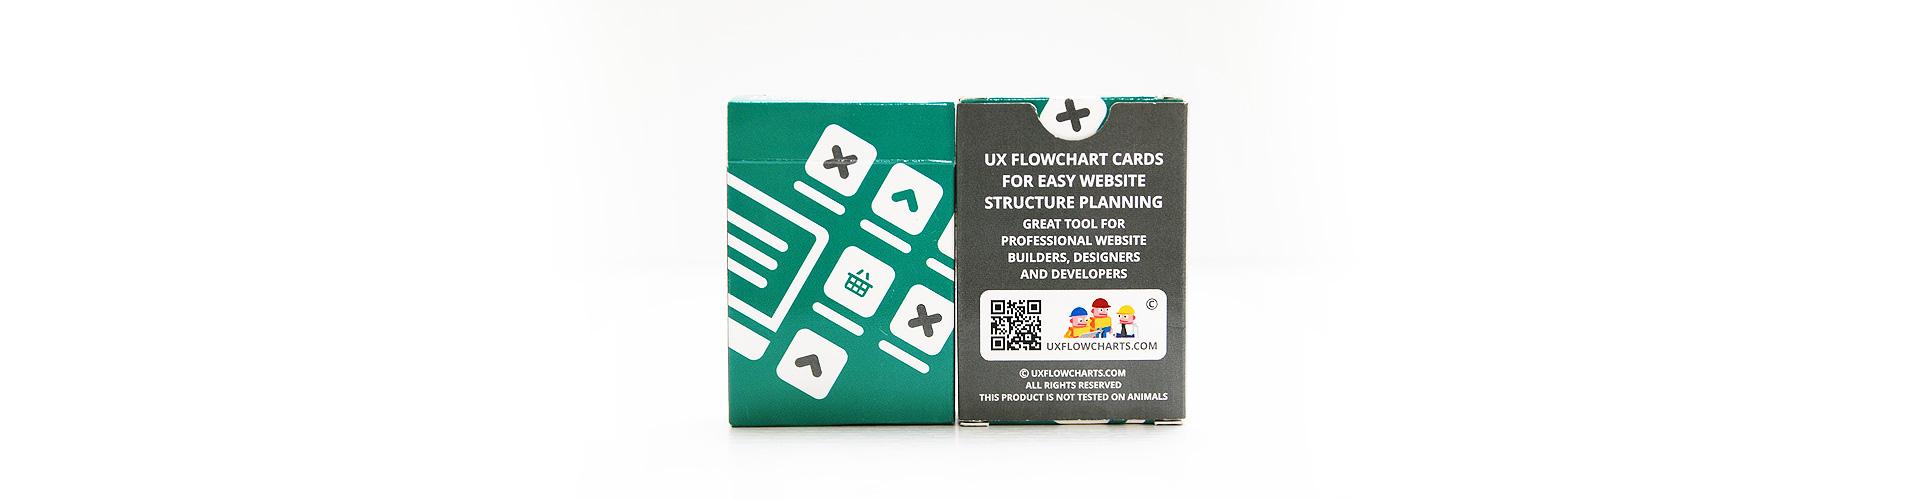 ux-flowchart-cards-5